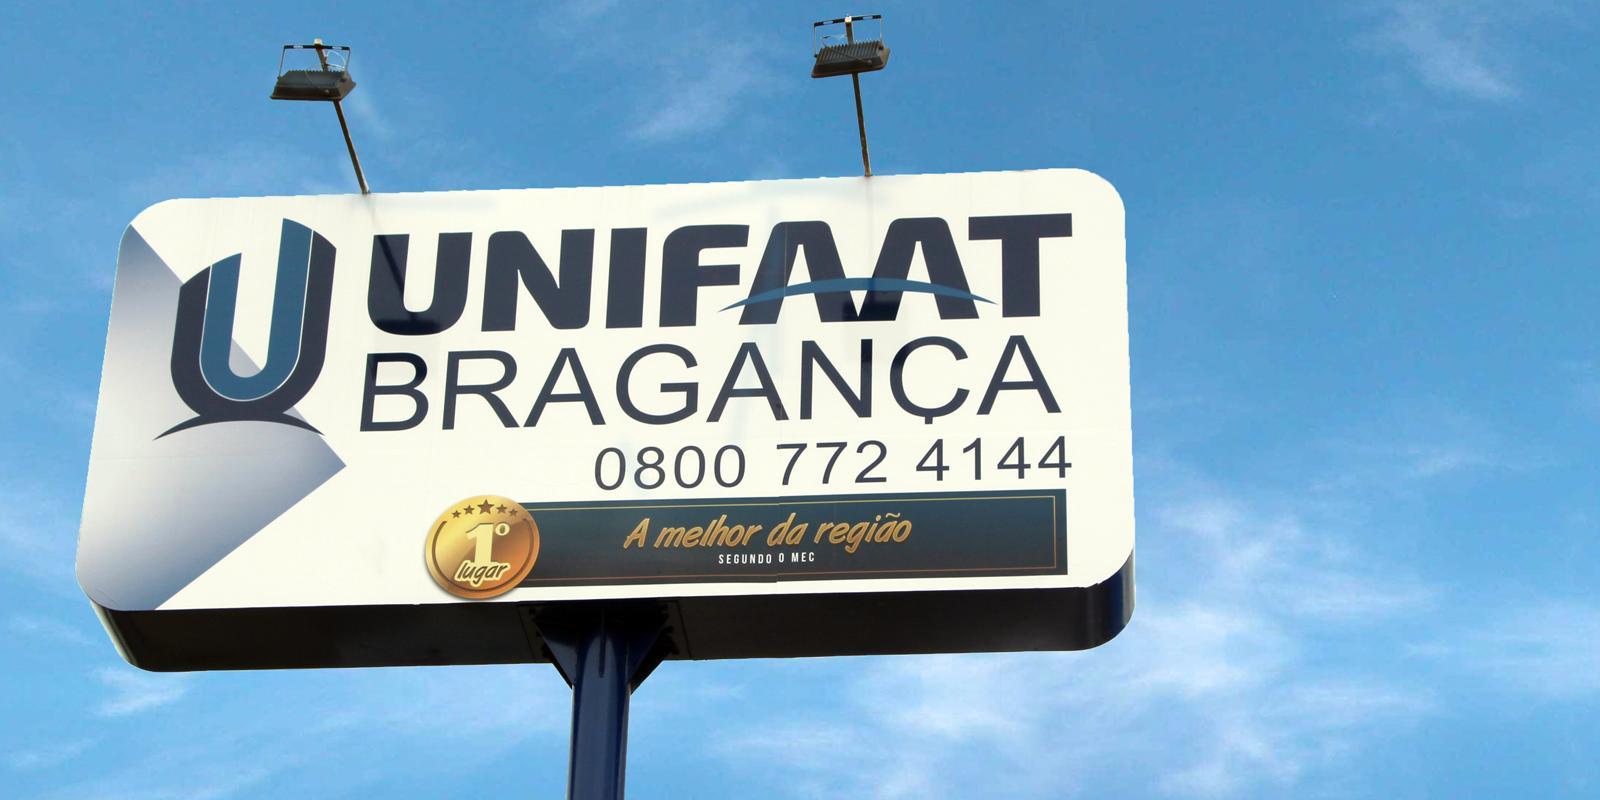 Orientações para os candidatos que prestarão a Prova de Bolsas da UNIFAAT Bragança Paulista